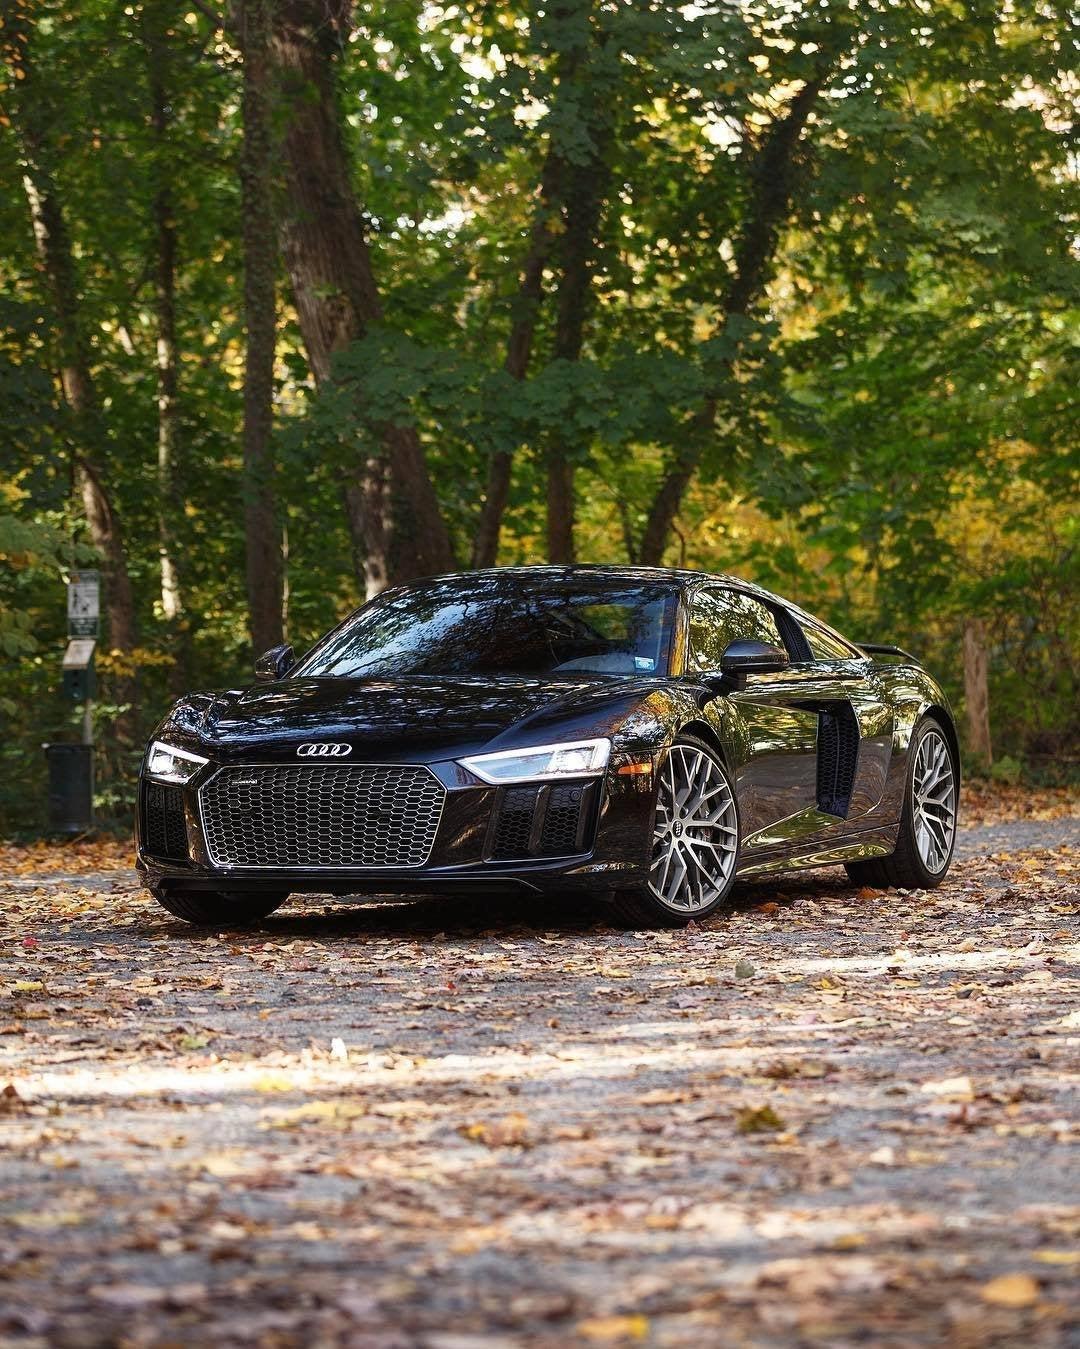 Audi A8 Mythos Black Metallic